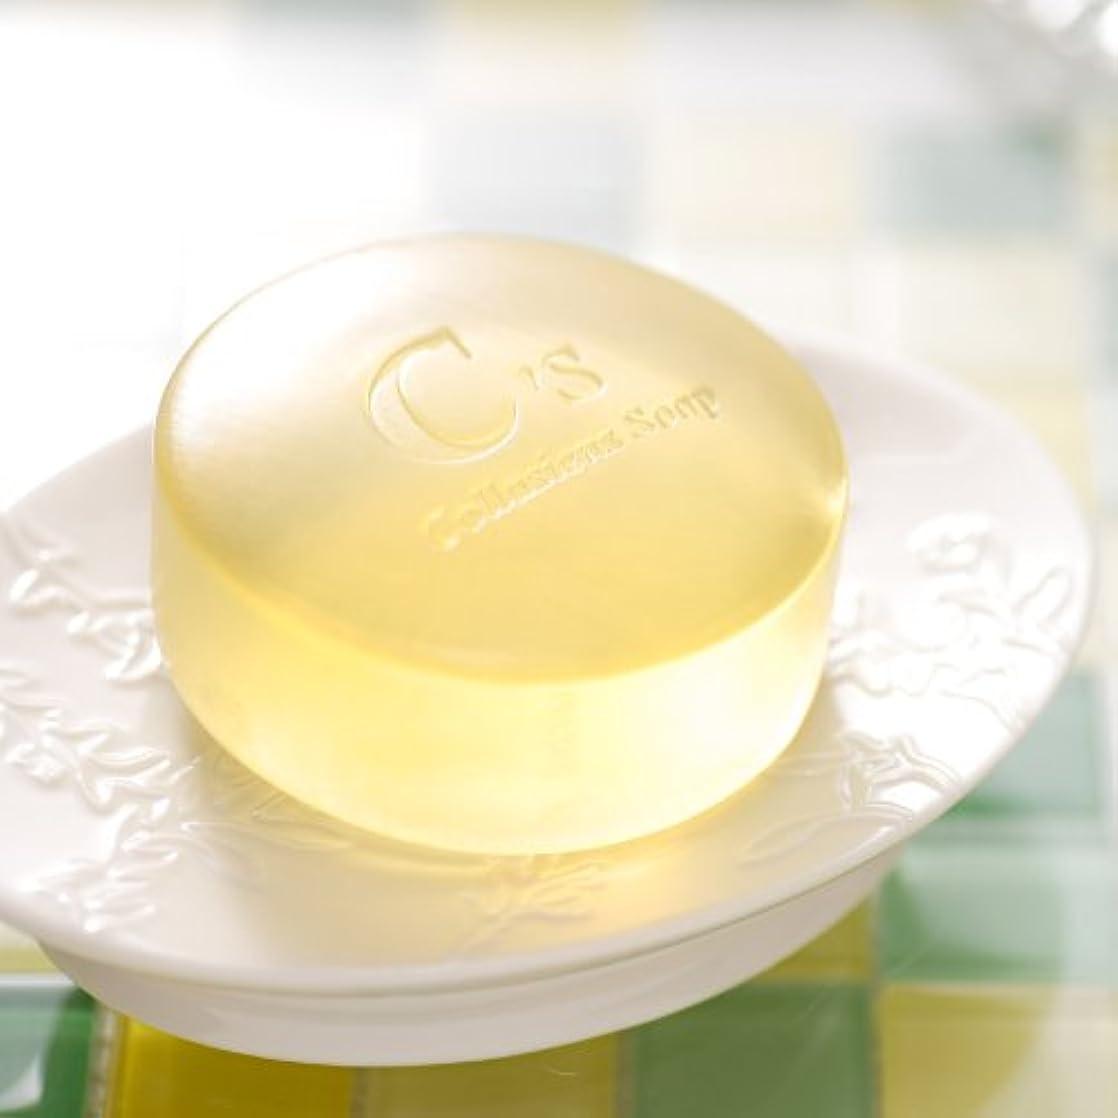 問い合わせるトリッキーコーンウォール肌理石鹸(きめせっけん)☆90日間熟成させた手作りソープ